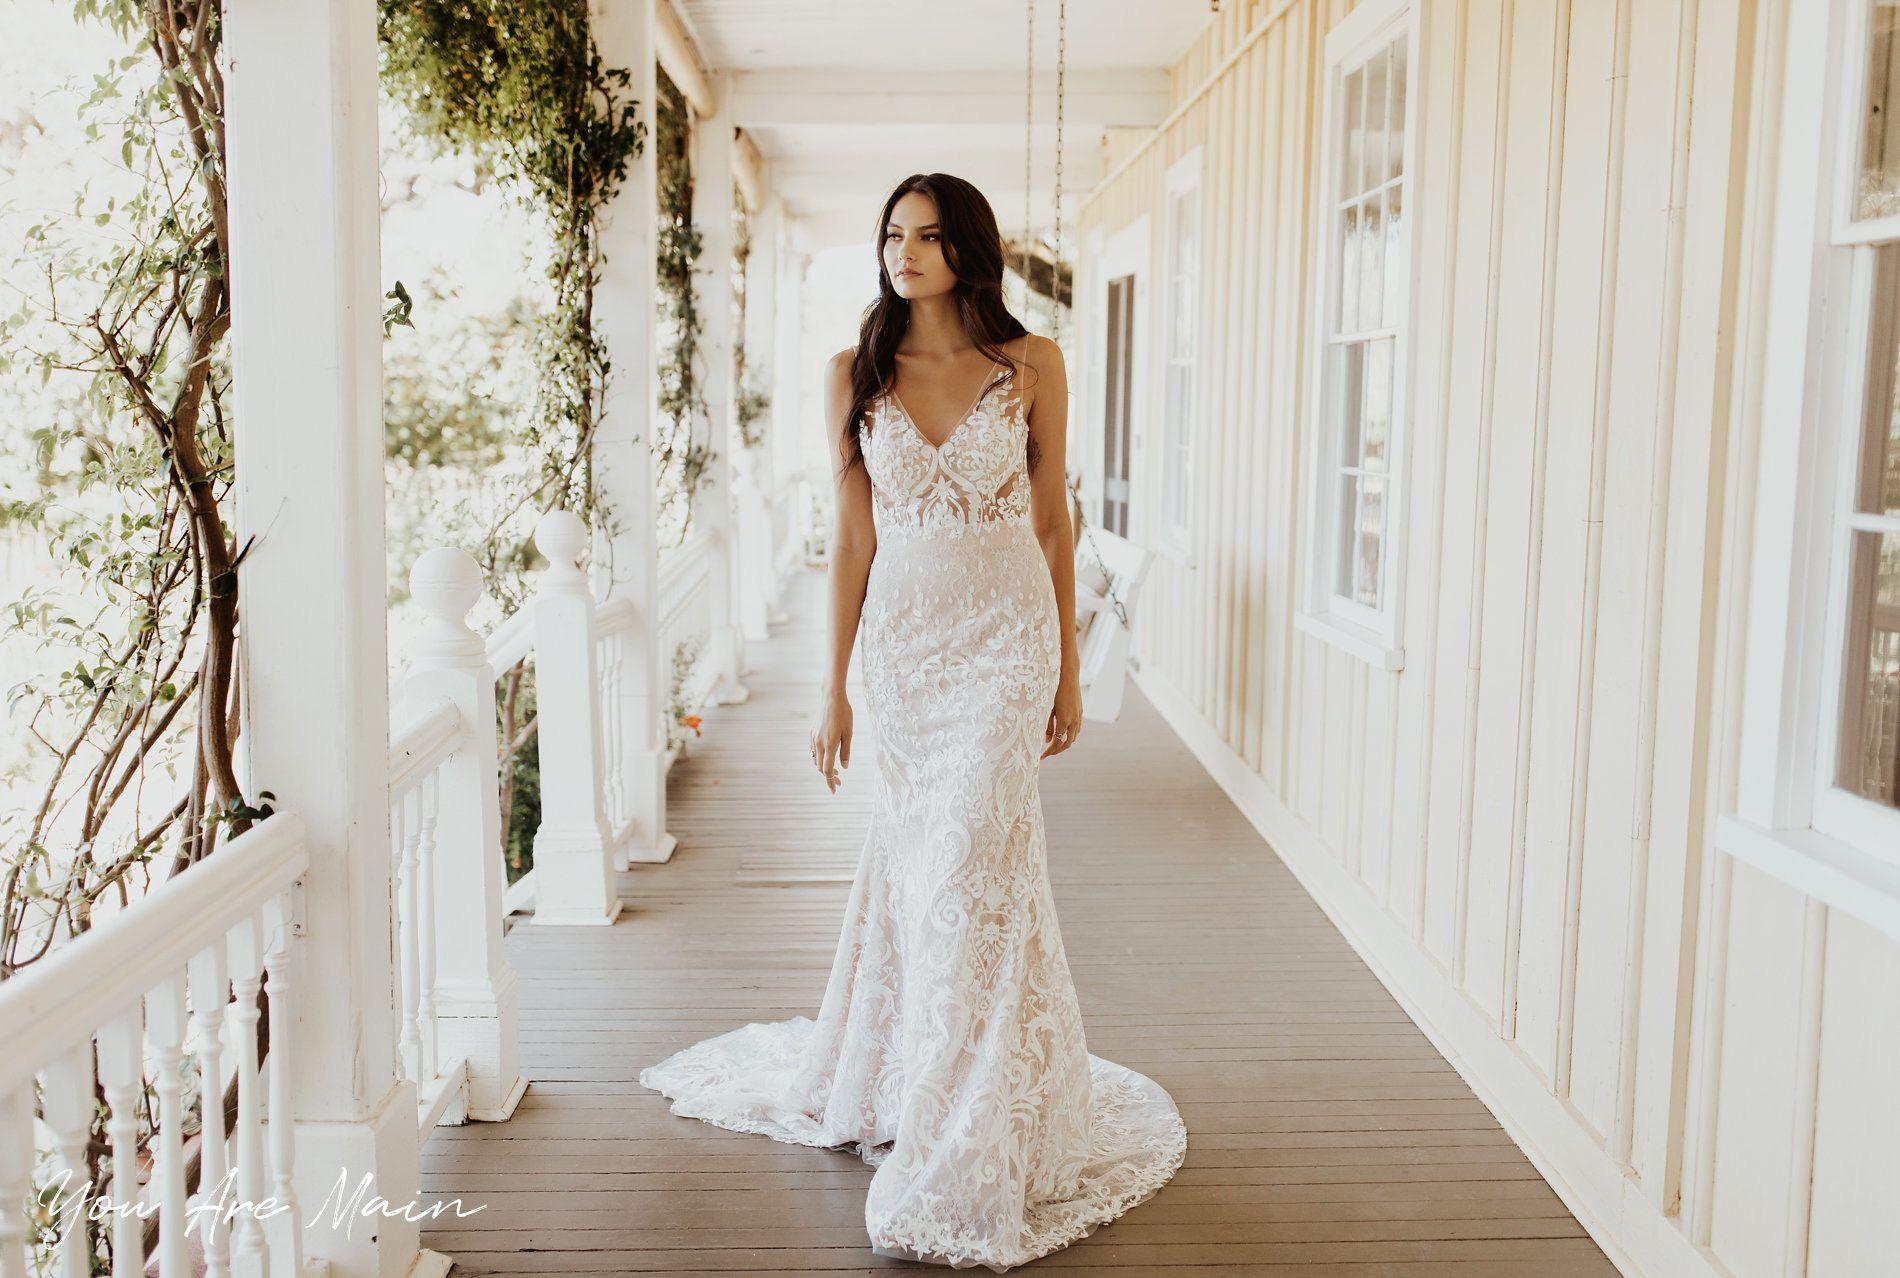 youaremain #yam #hochzeit #wedding #braut #bride #love #liebe #n